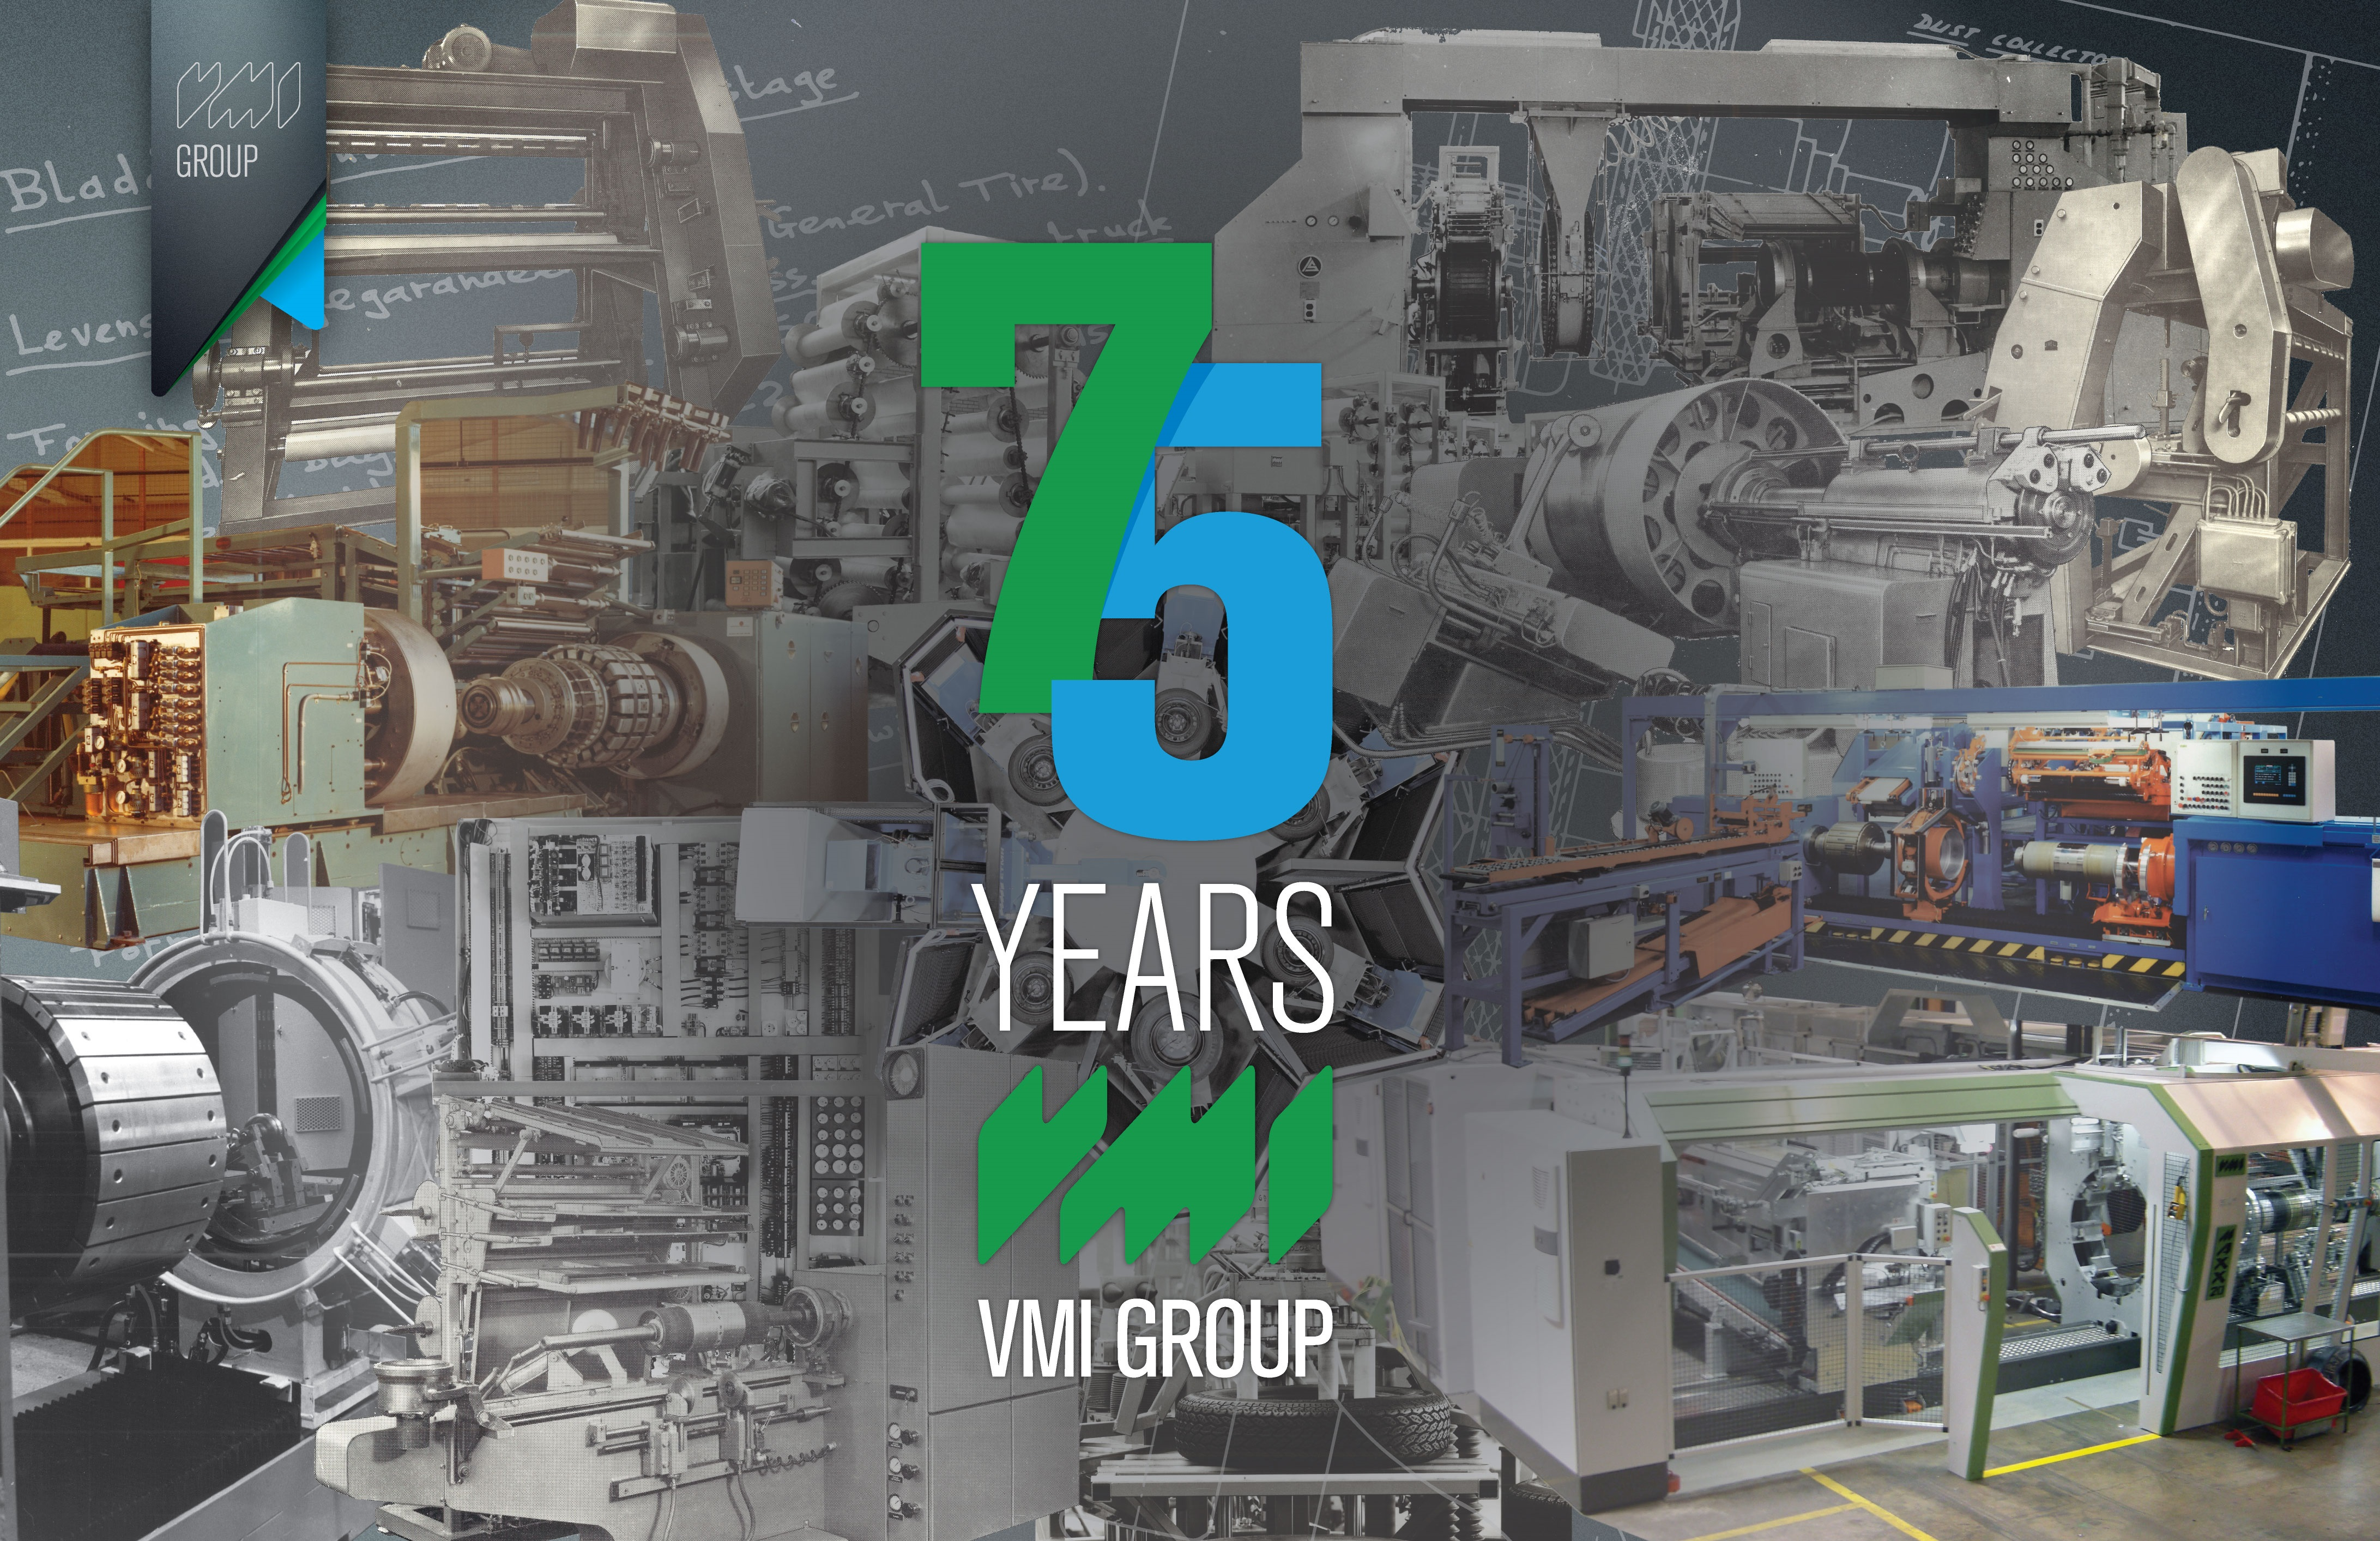 https://cn.vmi-group.com/vmi-data/uploads/2020/10/VMI75-1.jpg